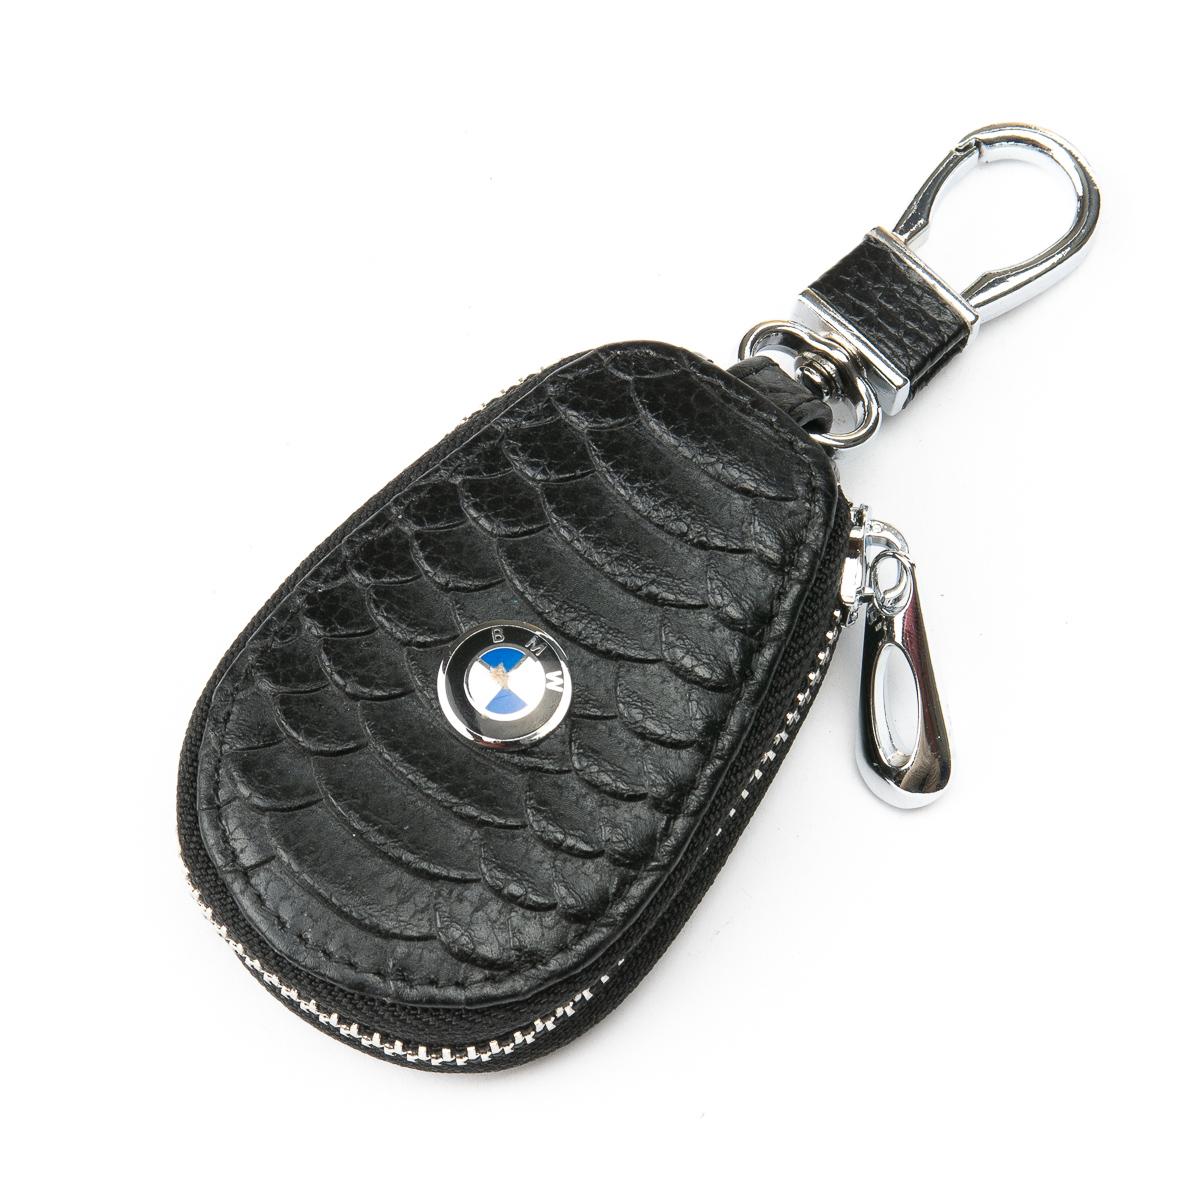 Кошелек Ключница Авто кожа F625 BMW black